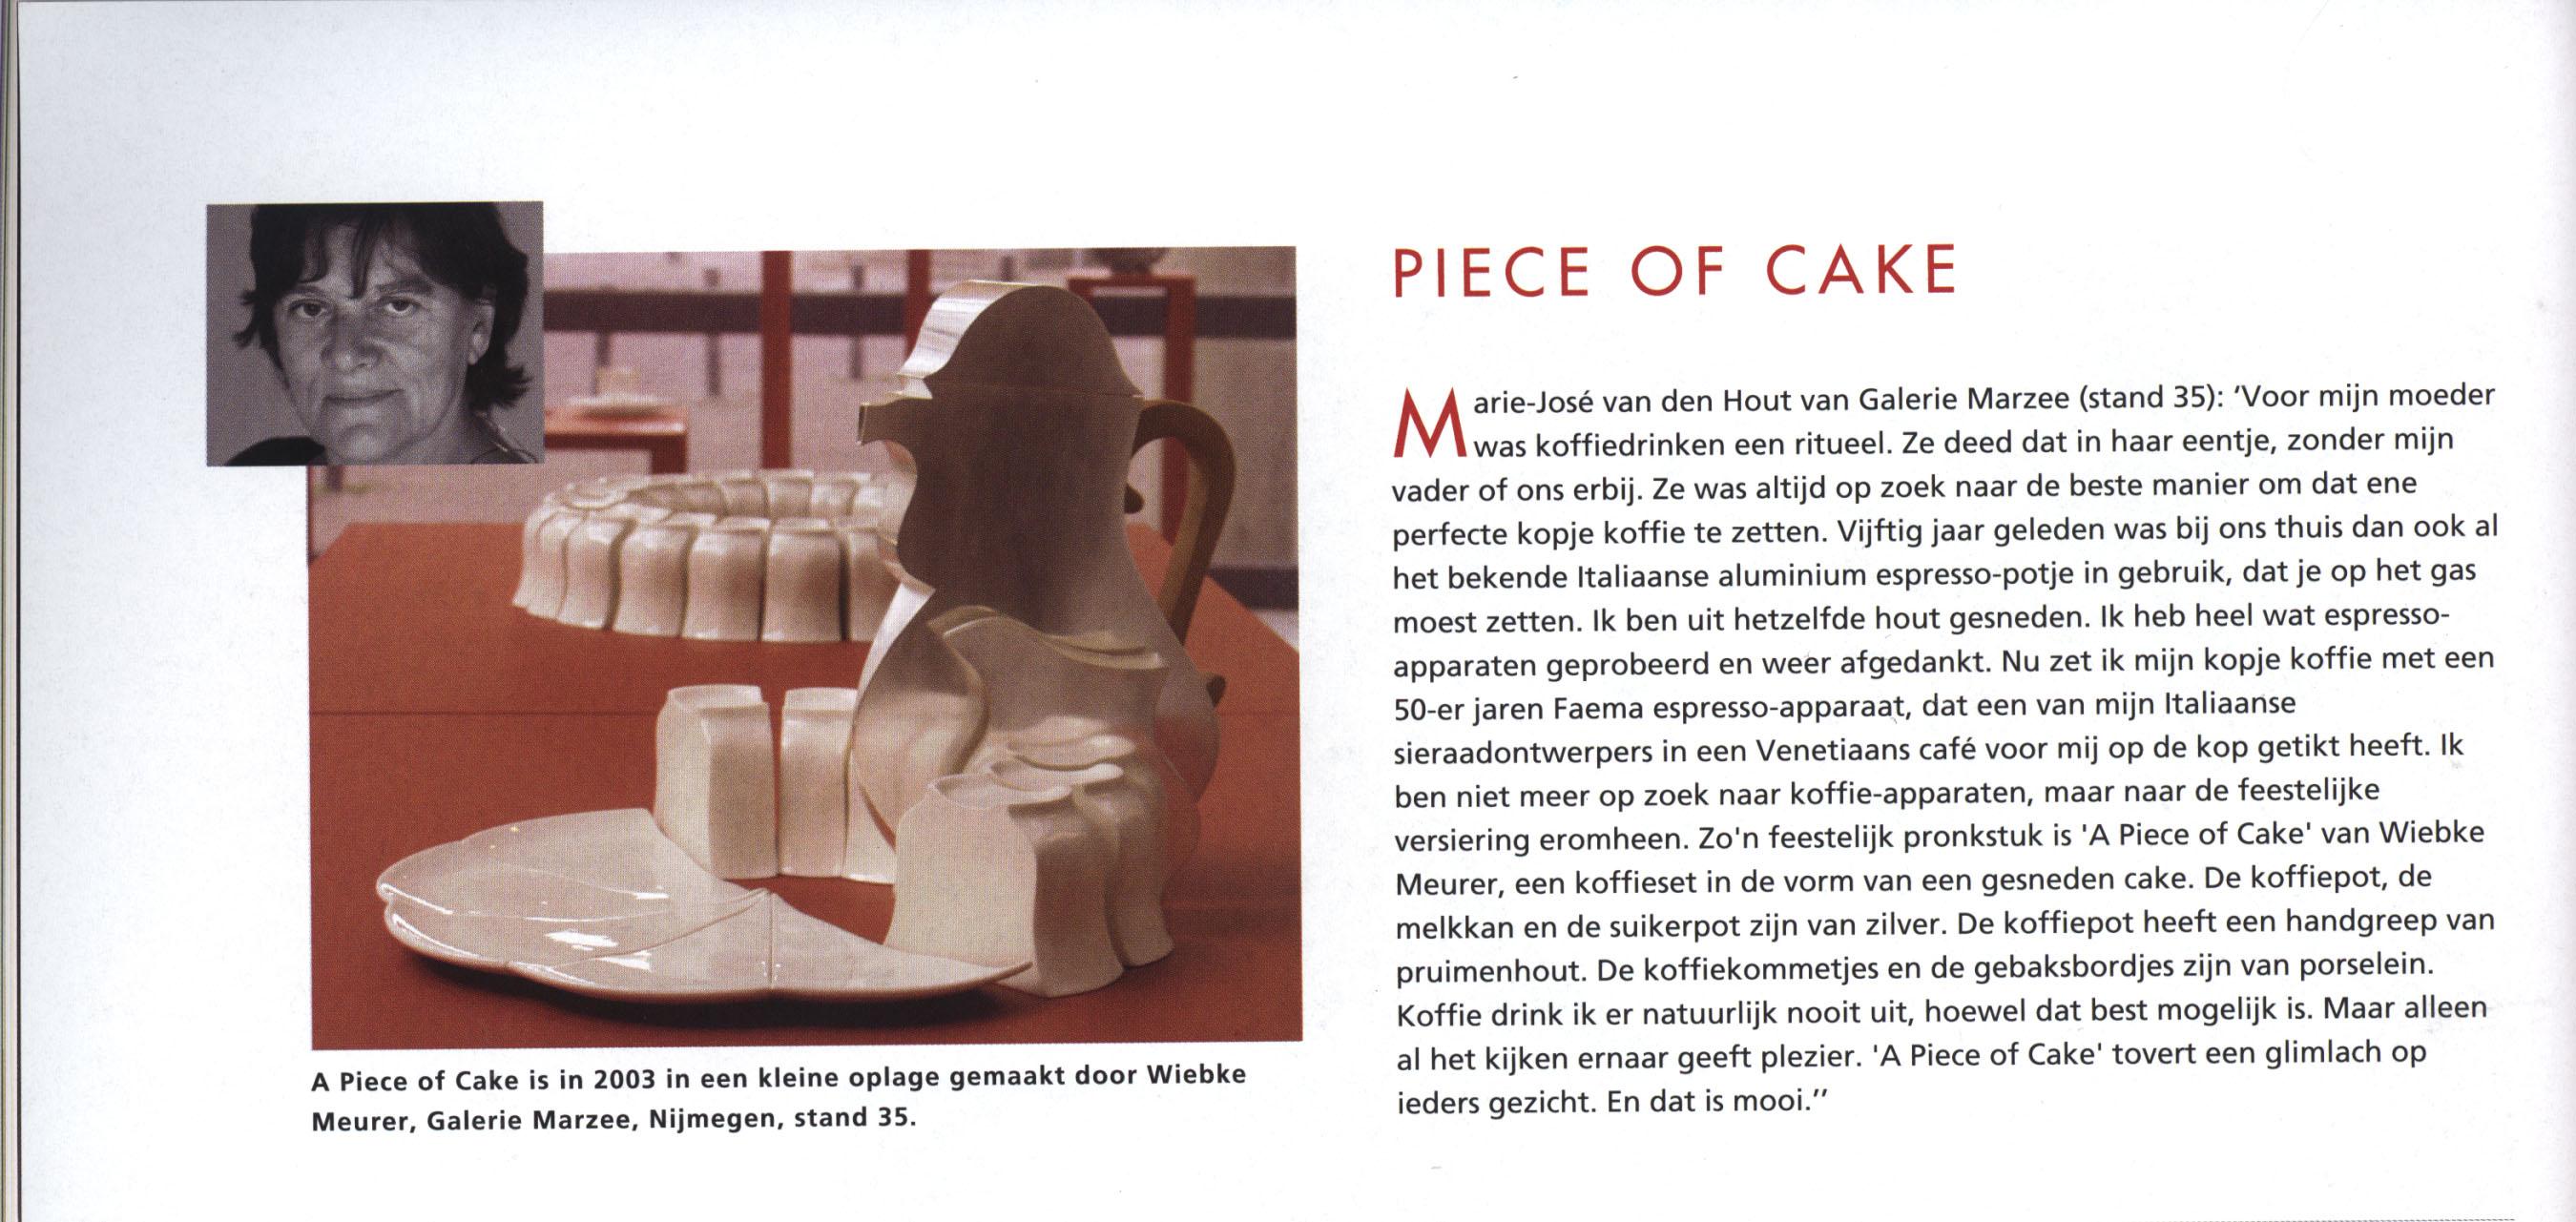 Piece of Cake, Tableau, 2003. Marie-José van den Hout en Wiebke Meurer, portret, porselein, servies, tijdschrift, drukwerk, papier